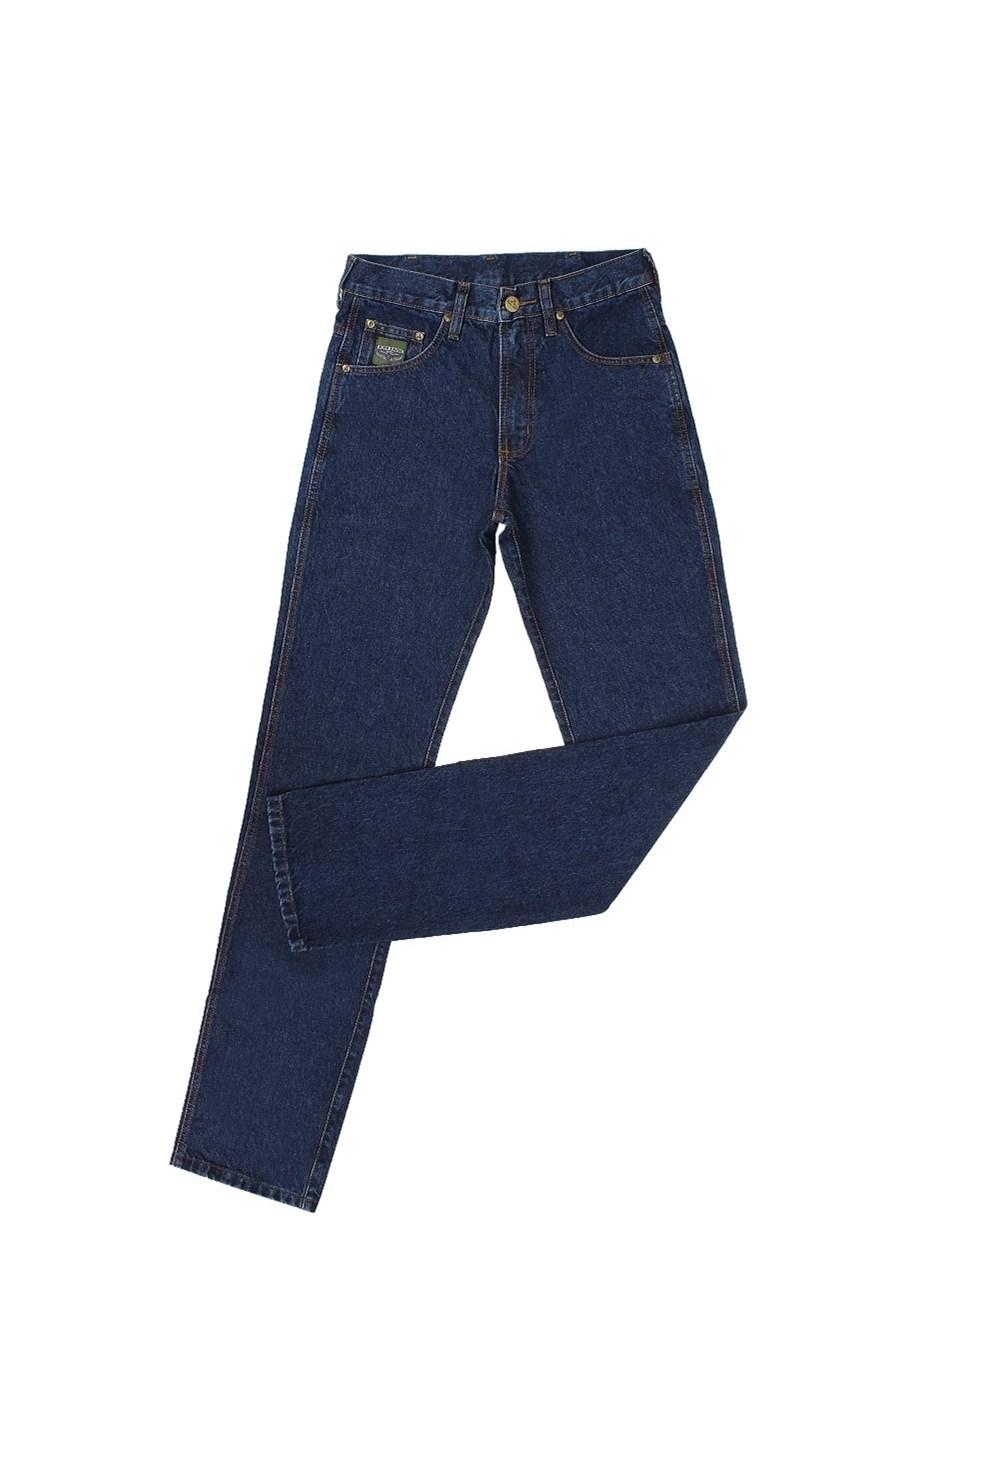 Calça Jeans Masculina Escura Green King Original Fit 100% Algodão - King Farm 19113 Azul escuro